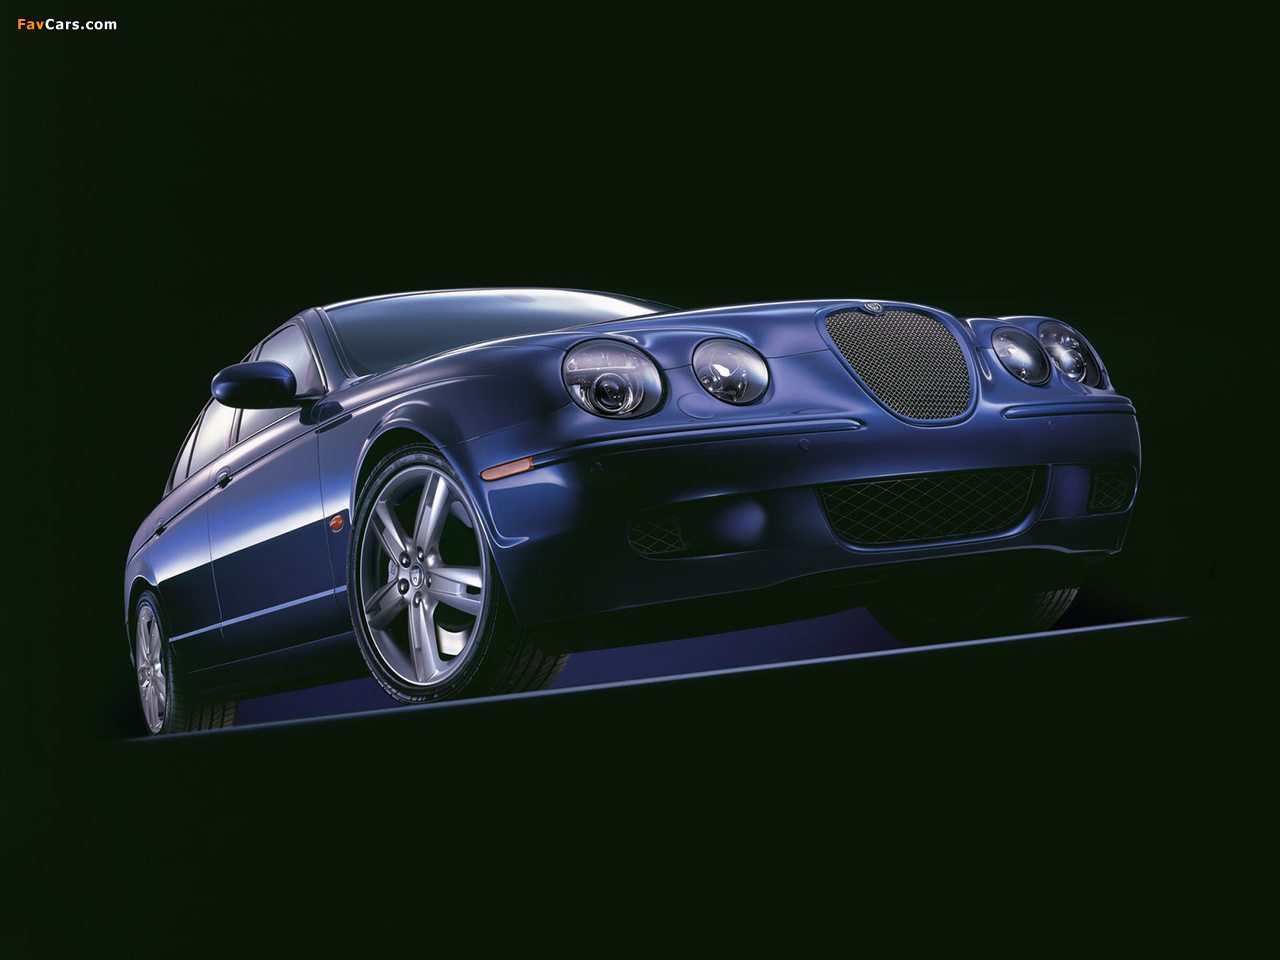 Jaguar s Type r Specs Jaguar s Type r us Spec